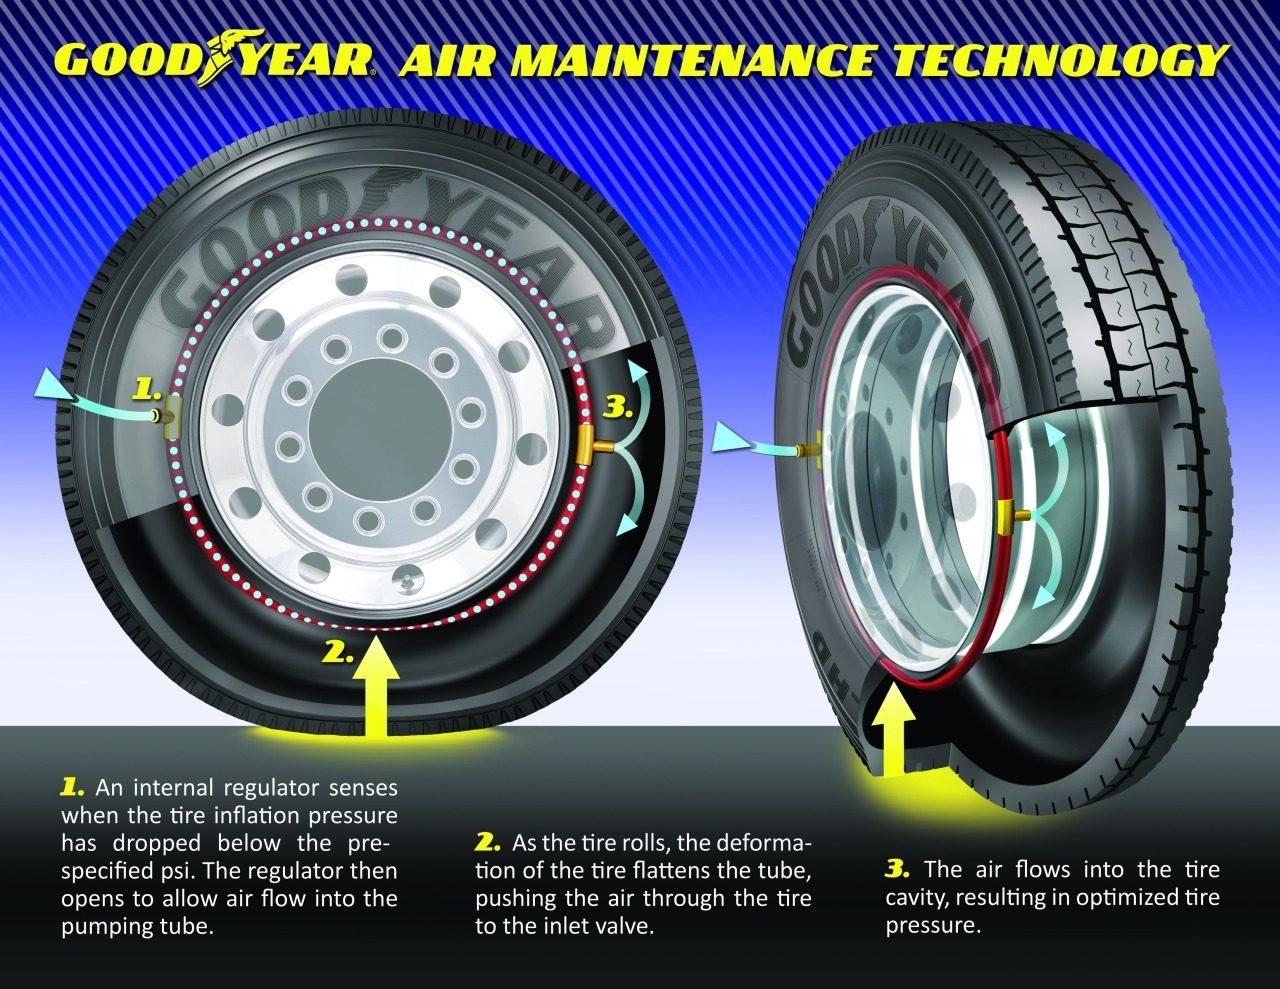 Goodyear-Air-Maintenance-Technology-01.jpg